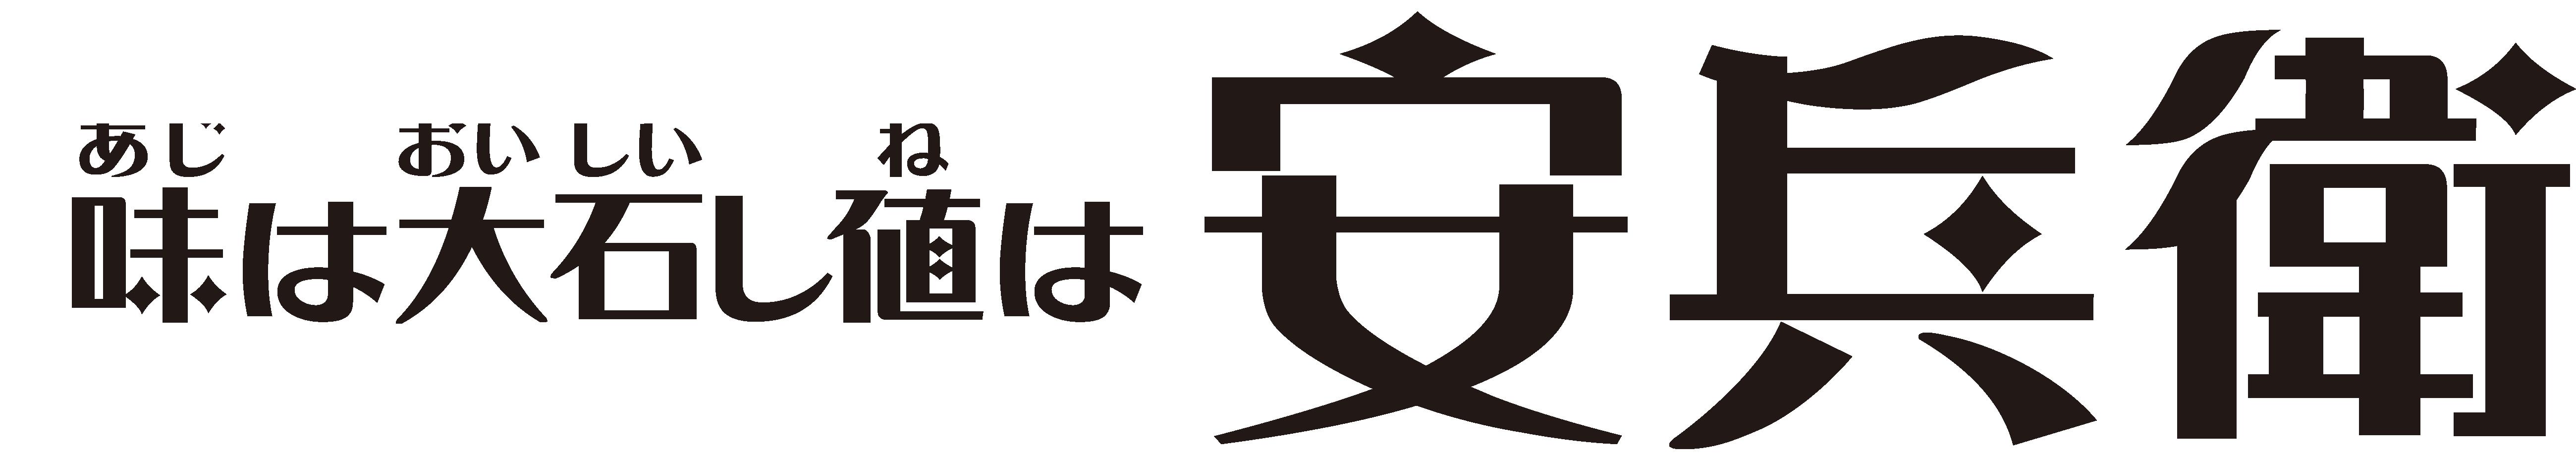 下仁田 安兵衛<br /> 【カツ丼、下仁田ネギ創作料理、フランス料理、各種宴会】